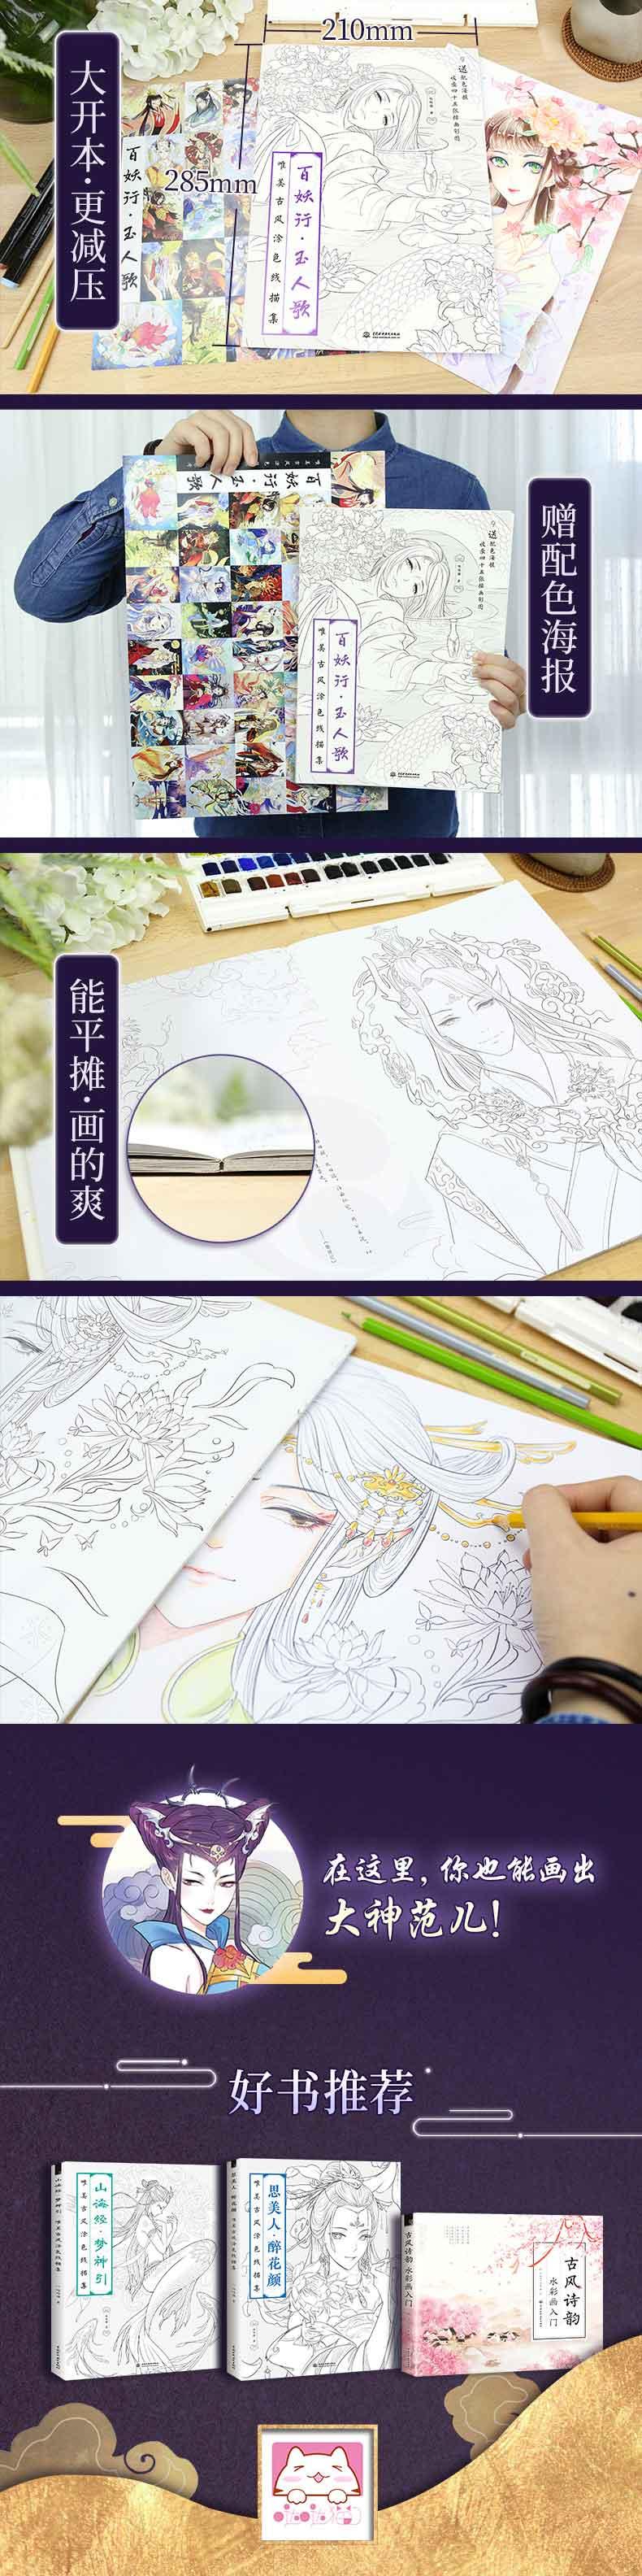 百妖行 玉人歌-唯美古風塗色線描集